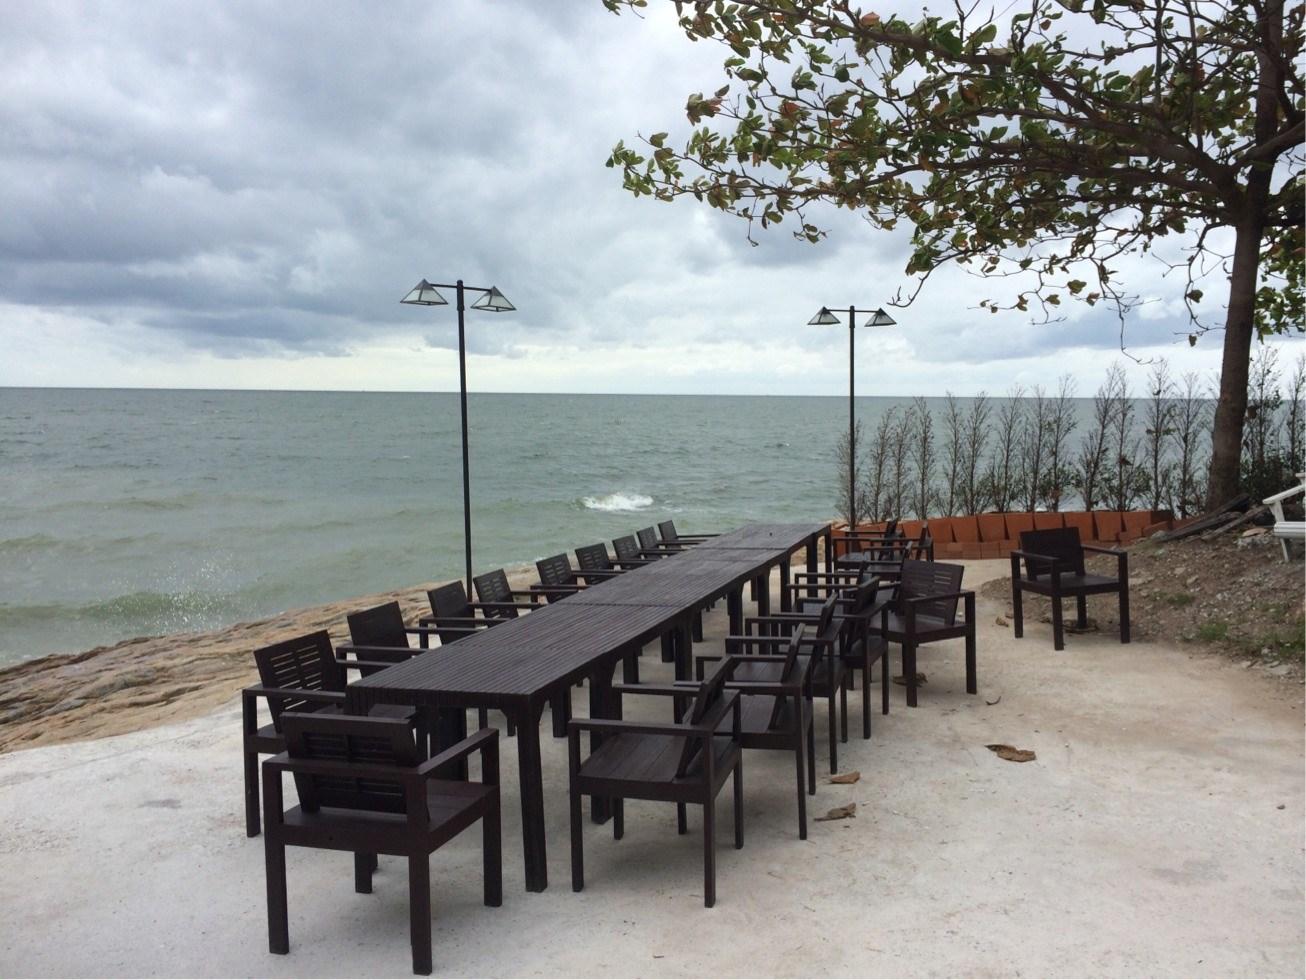 ร านอาหาร Bluefin Beach Bar Restaurants สาขา บางแสน